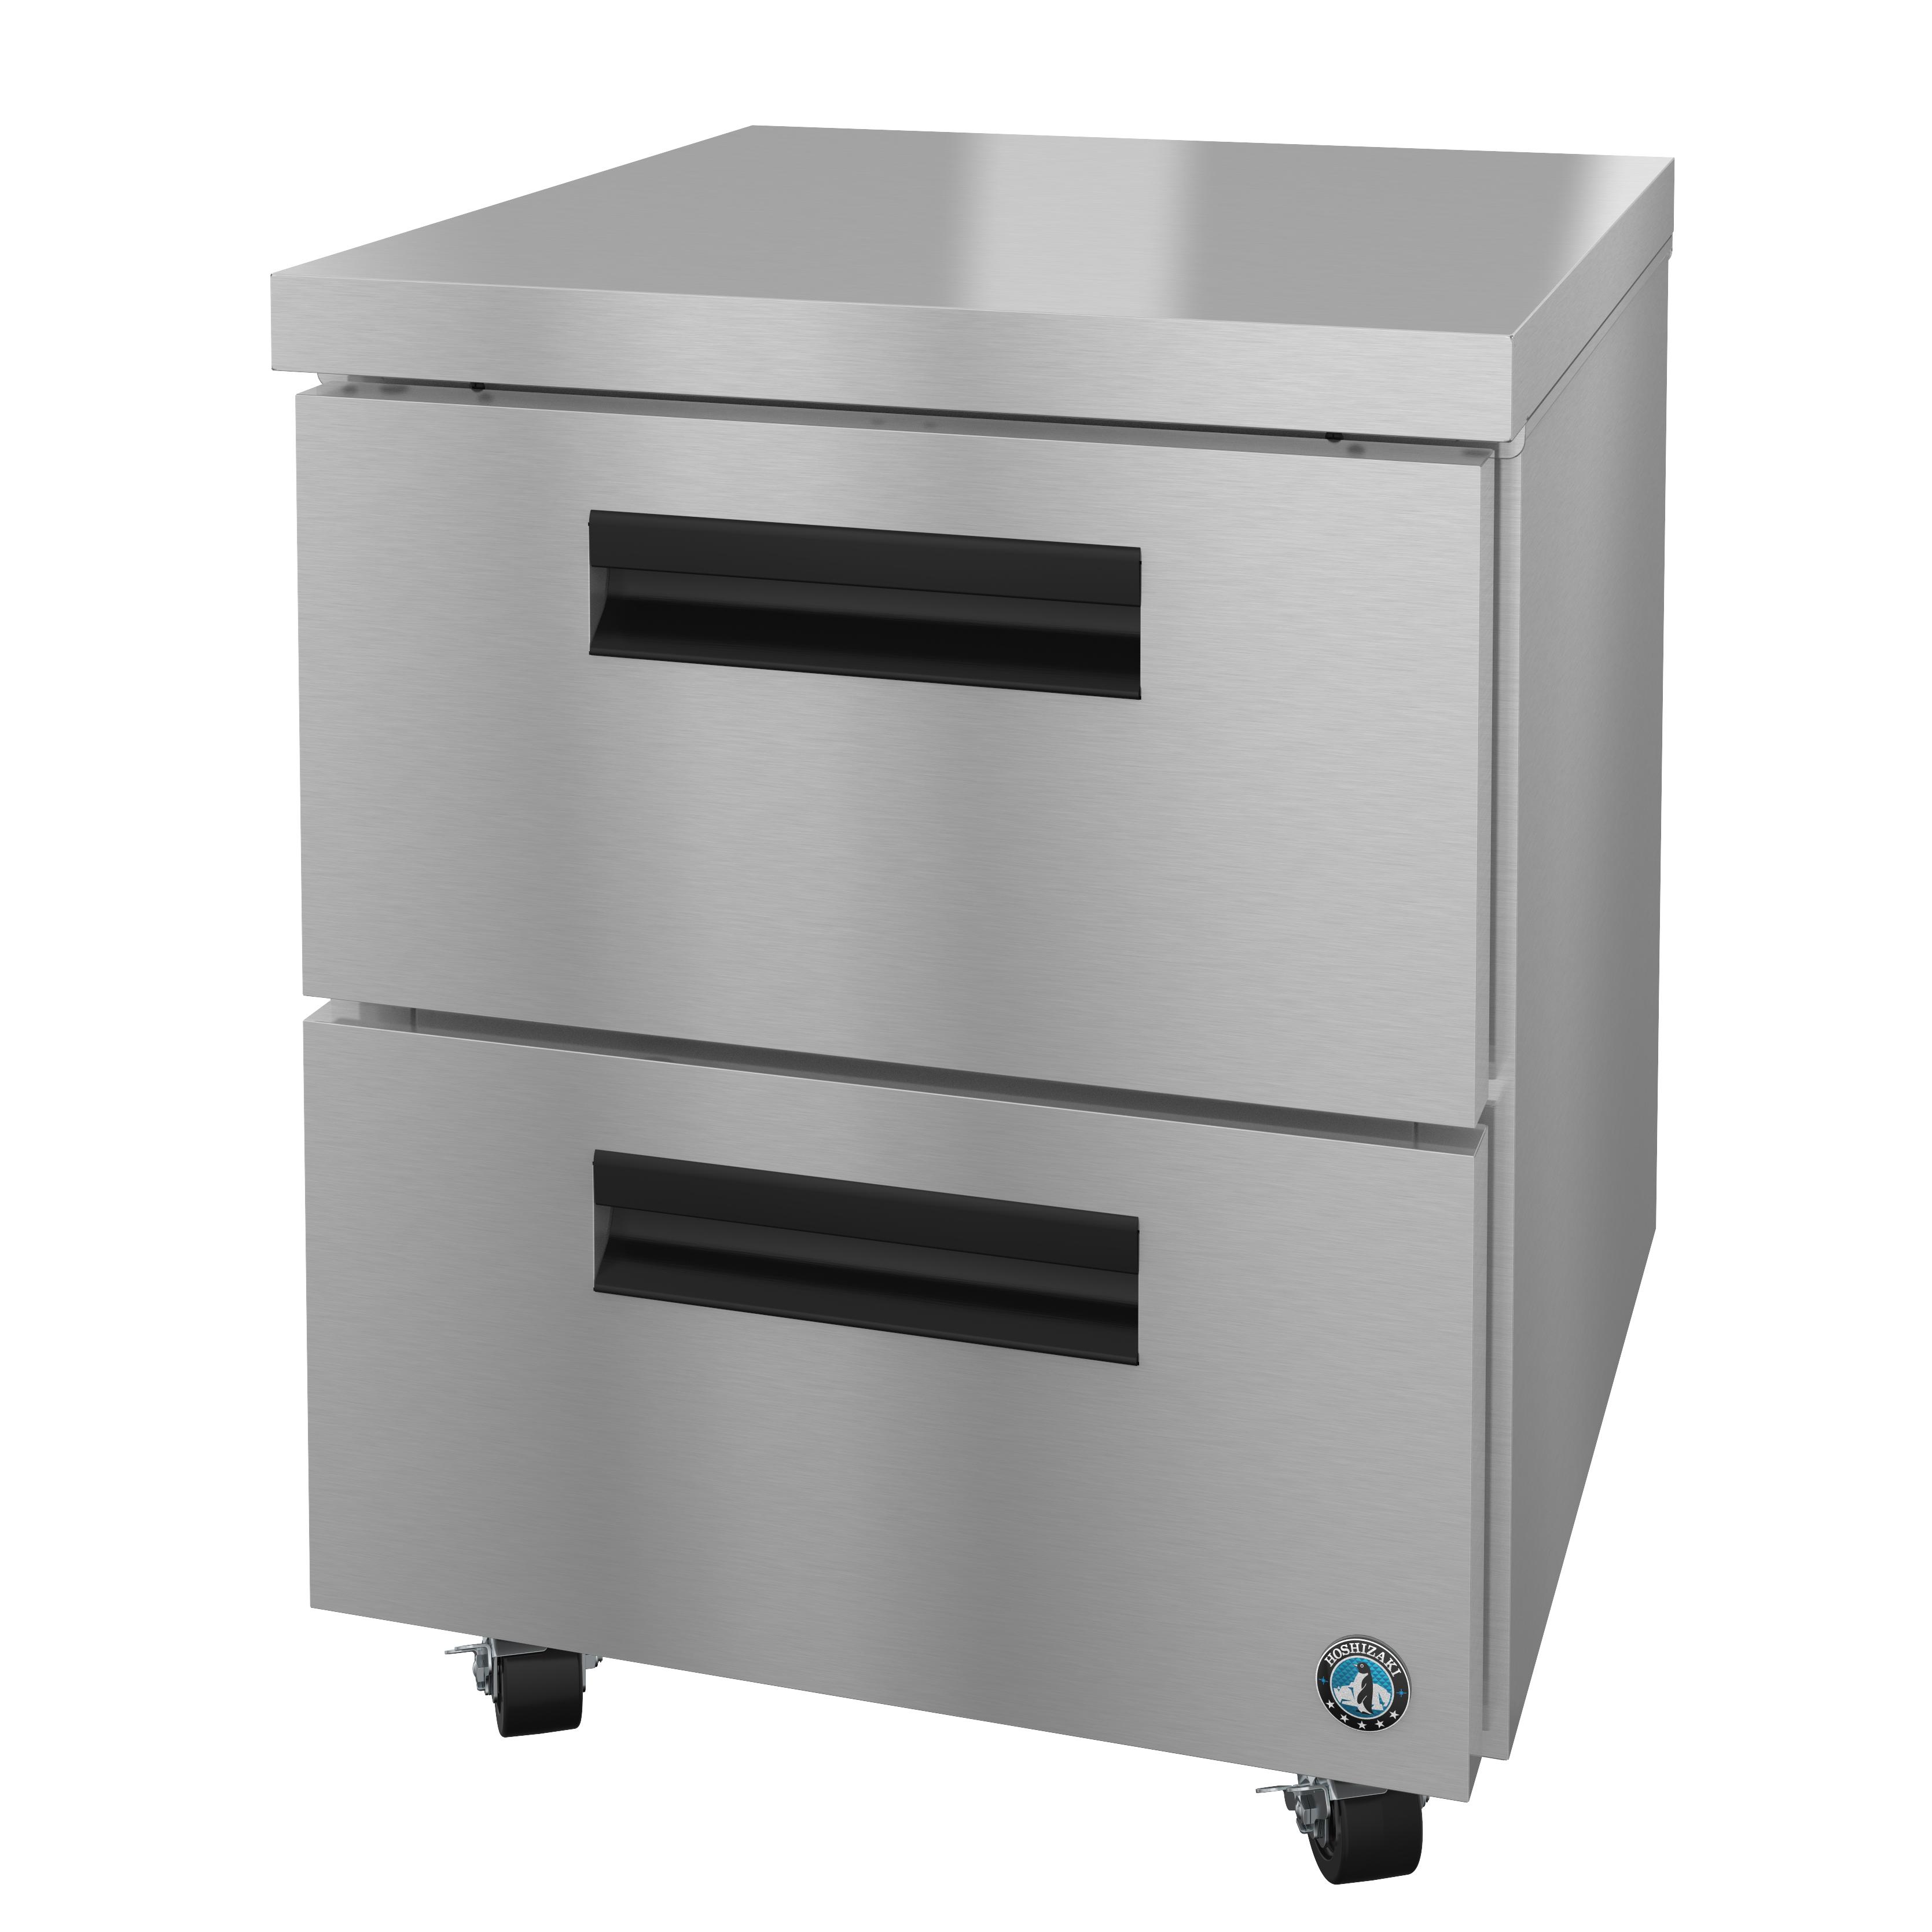 Hoshizaki UR27A-D2 refrigerator, undercounter, reach-in